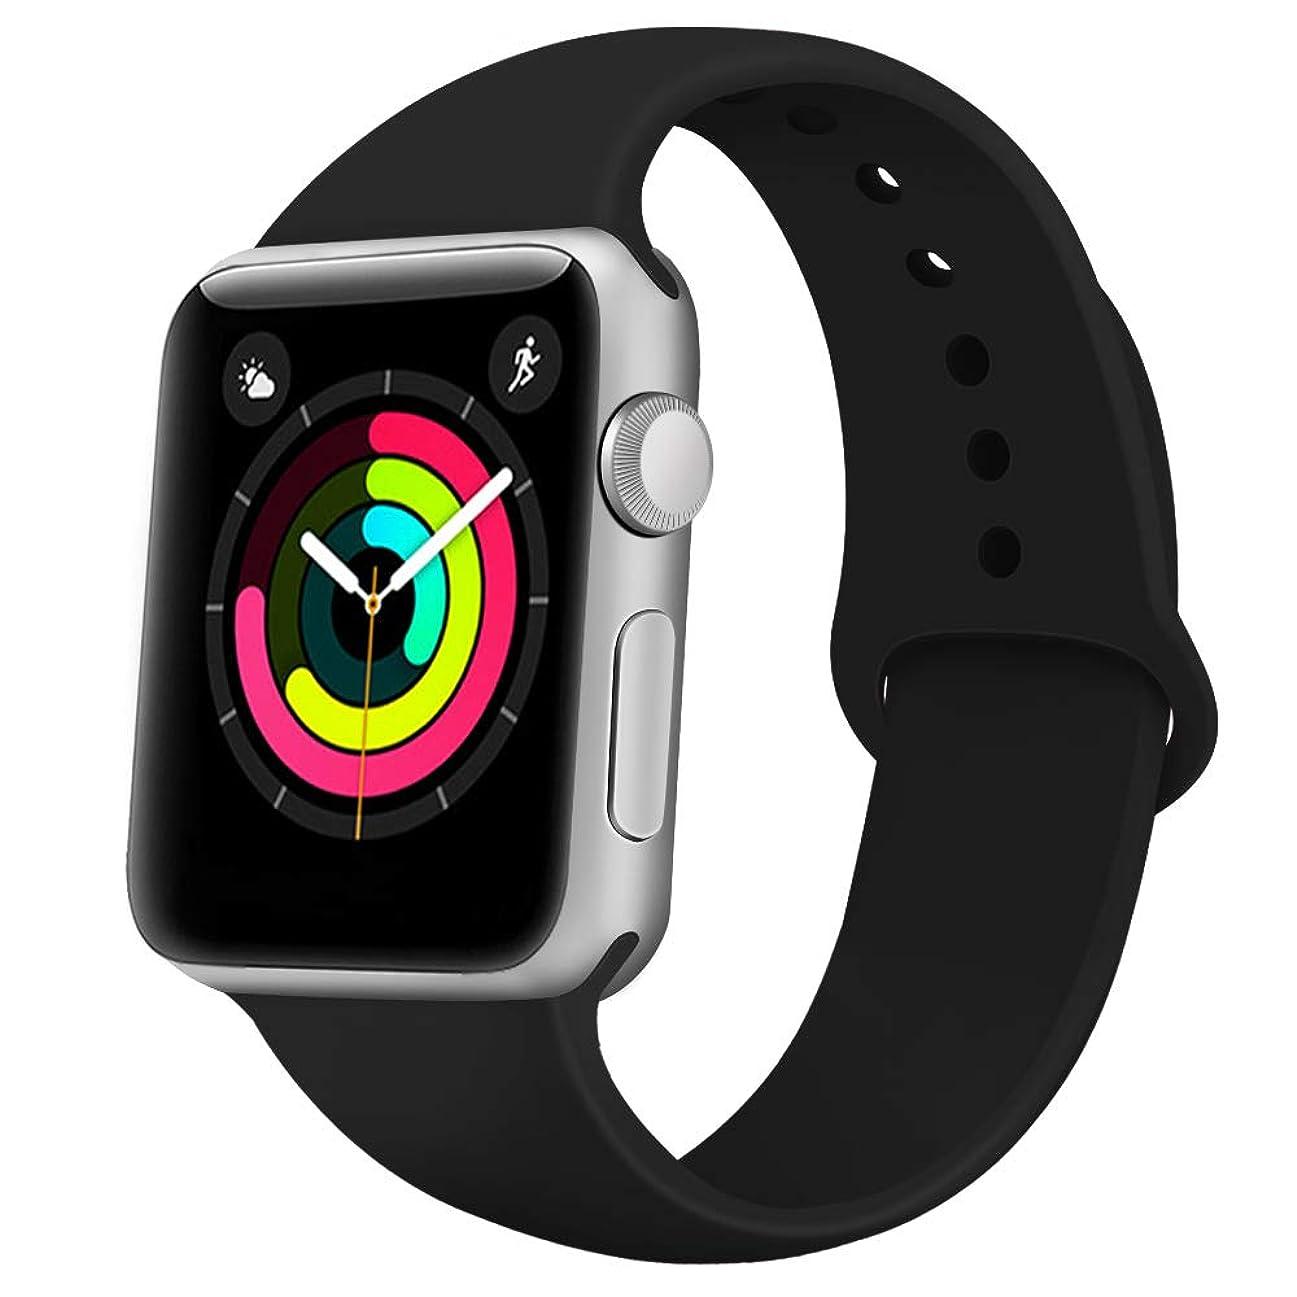 Apple Watch バンド 全機種対応 コンパチブル おしゃれ アップルウォッチバンド ソフトシリコン 交換ベルド